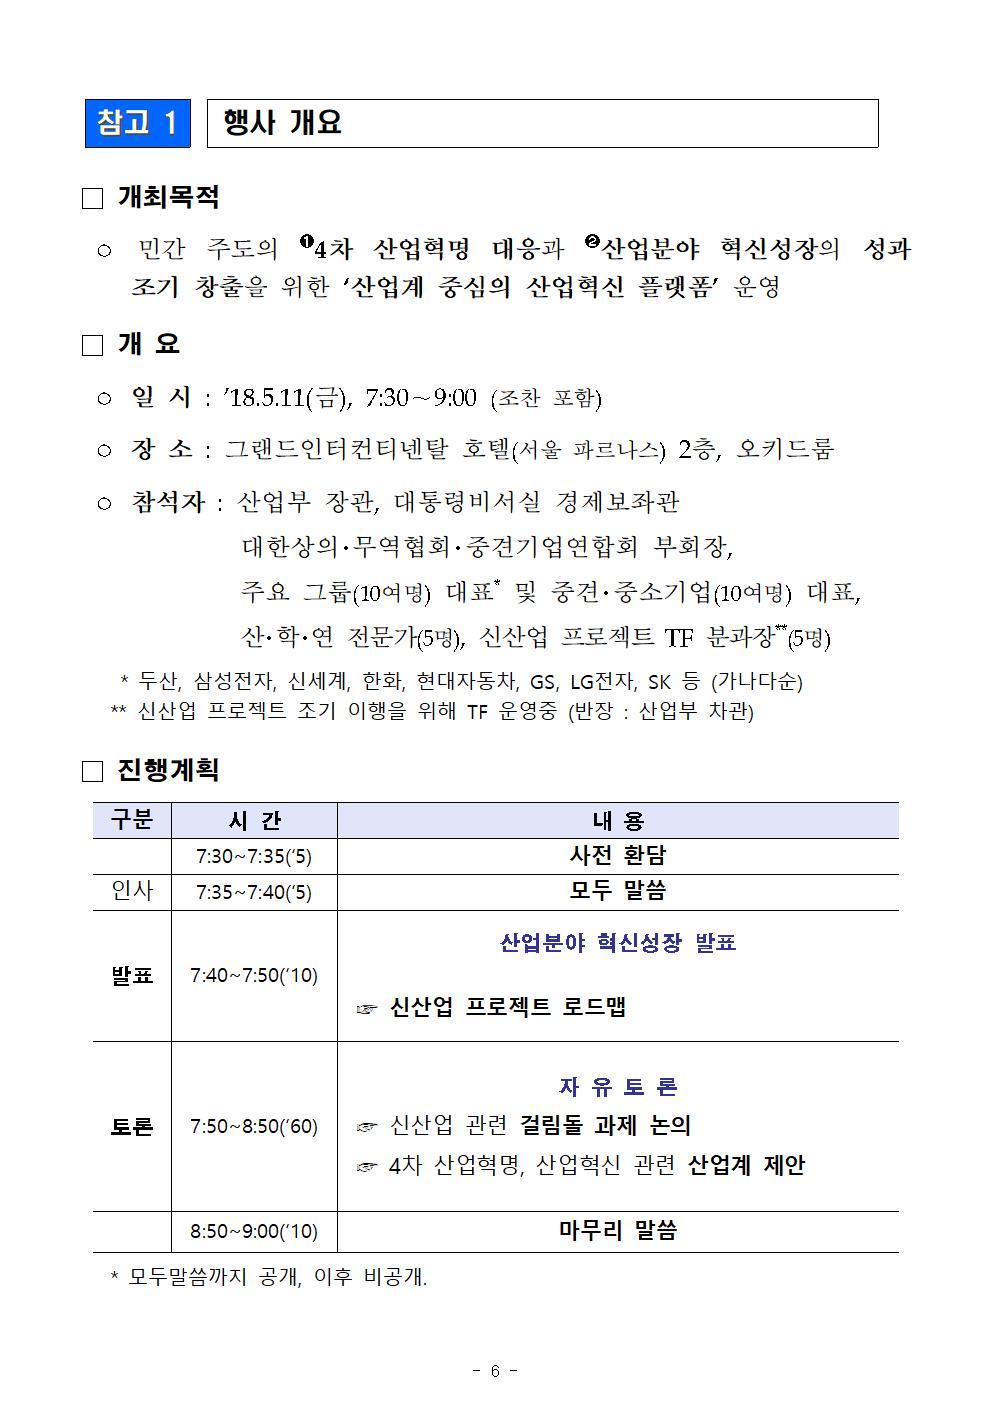 0510 (11일석간) 산업정책과, 산업혁신 2020 플랫폼006.png